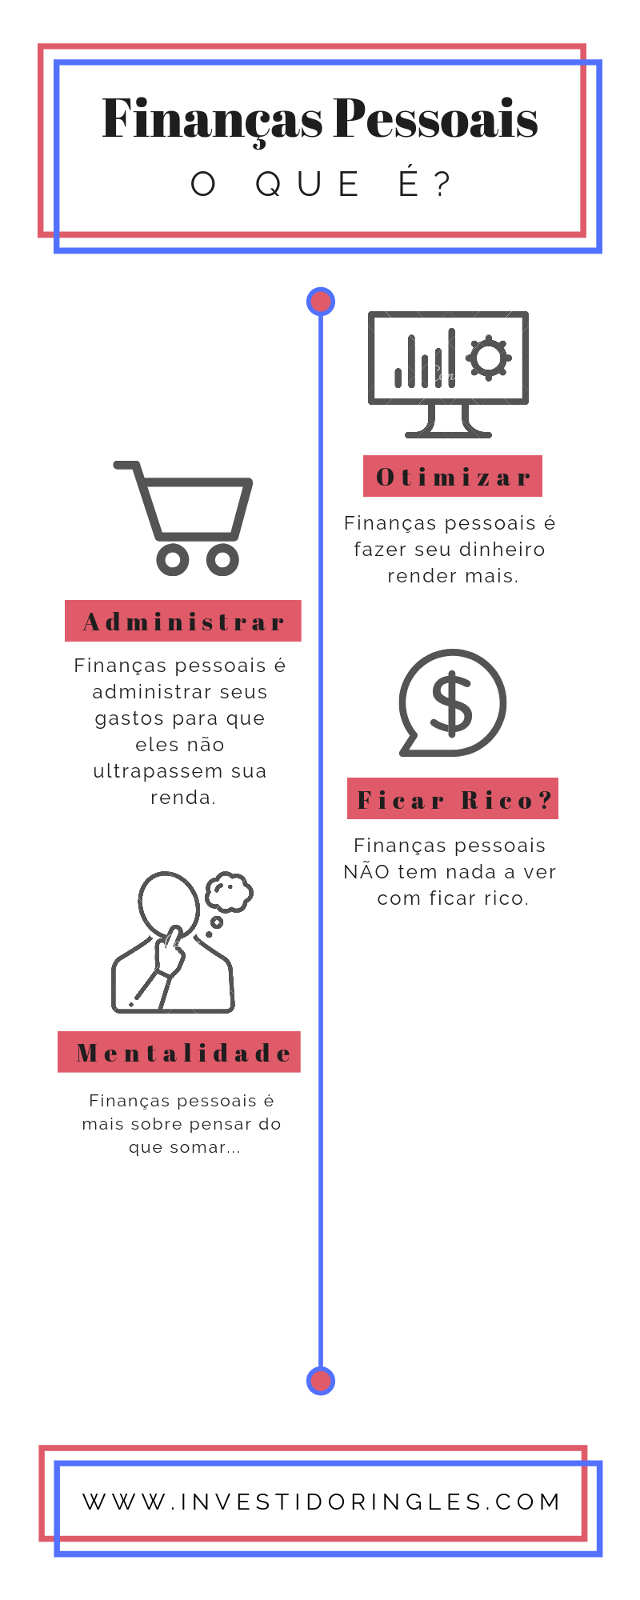 O que é Finanças Pessoais?